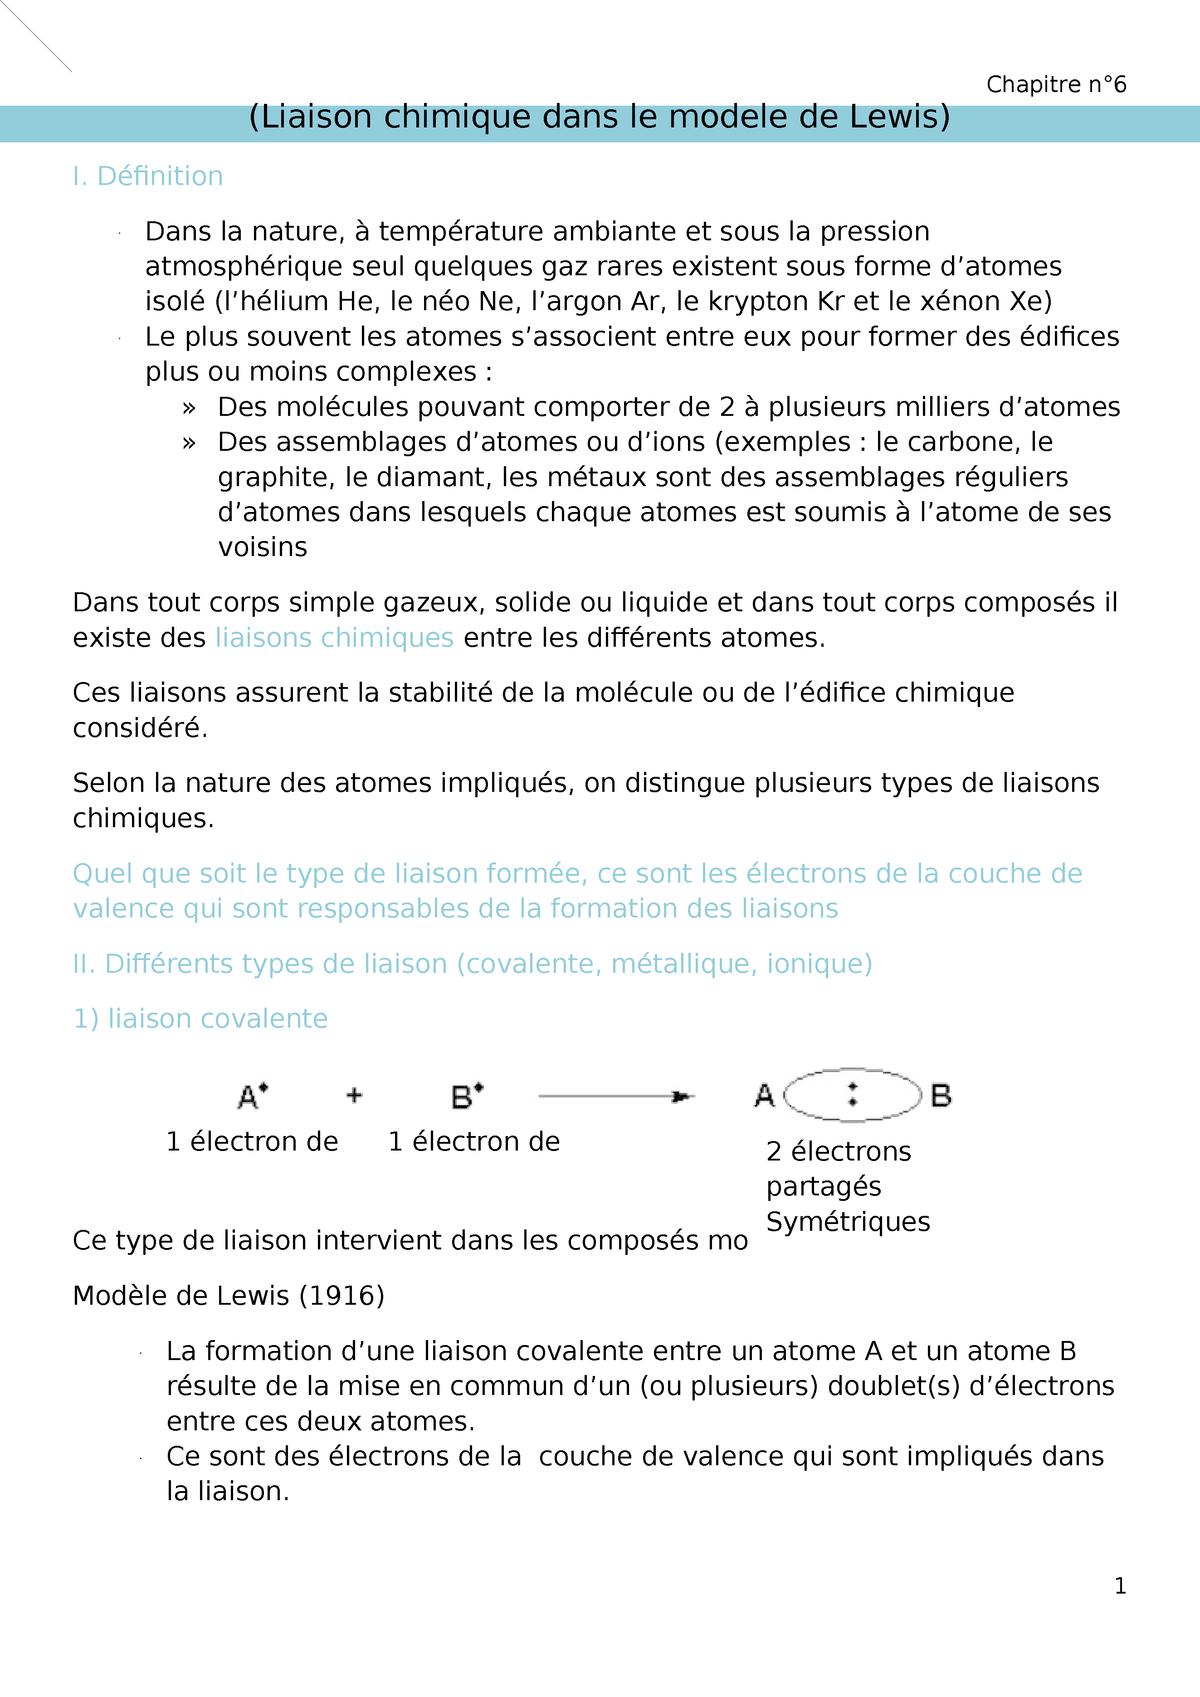 Chapitre 6 Atomes Et Molecules Studocu